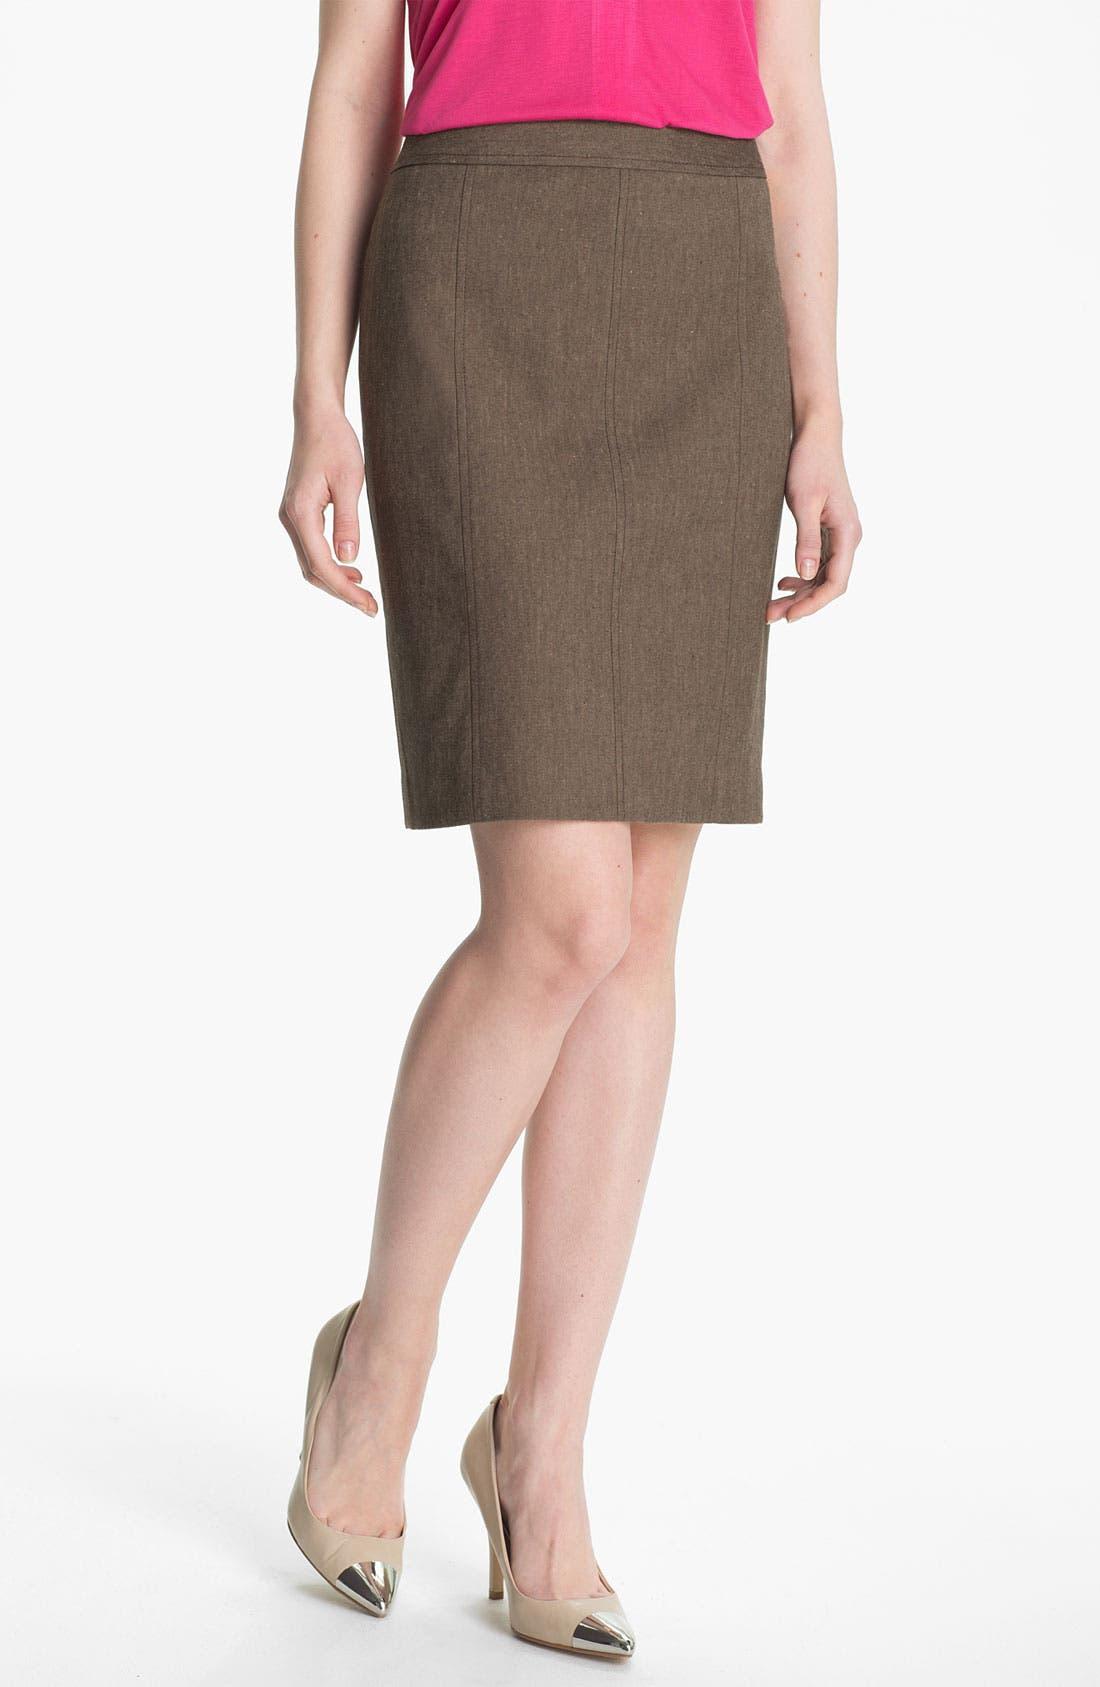 Alternate Image 1 Selected - Halogen® 'Subtle Stretch' Skirt